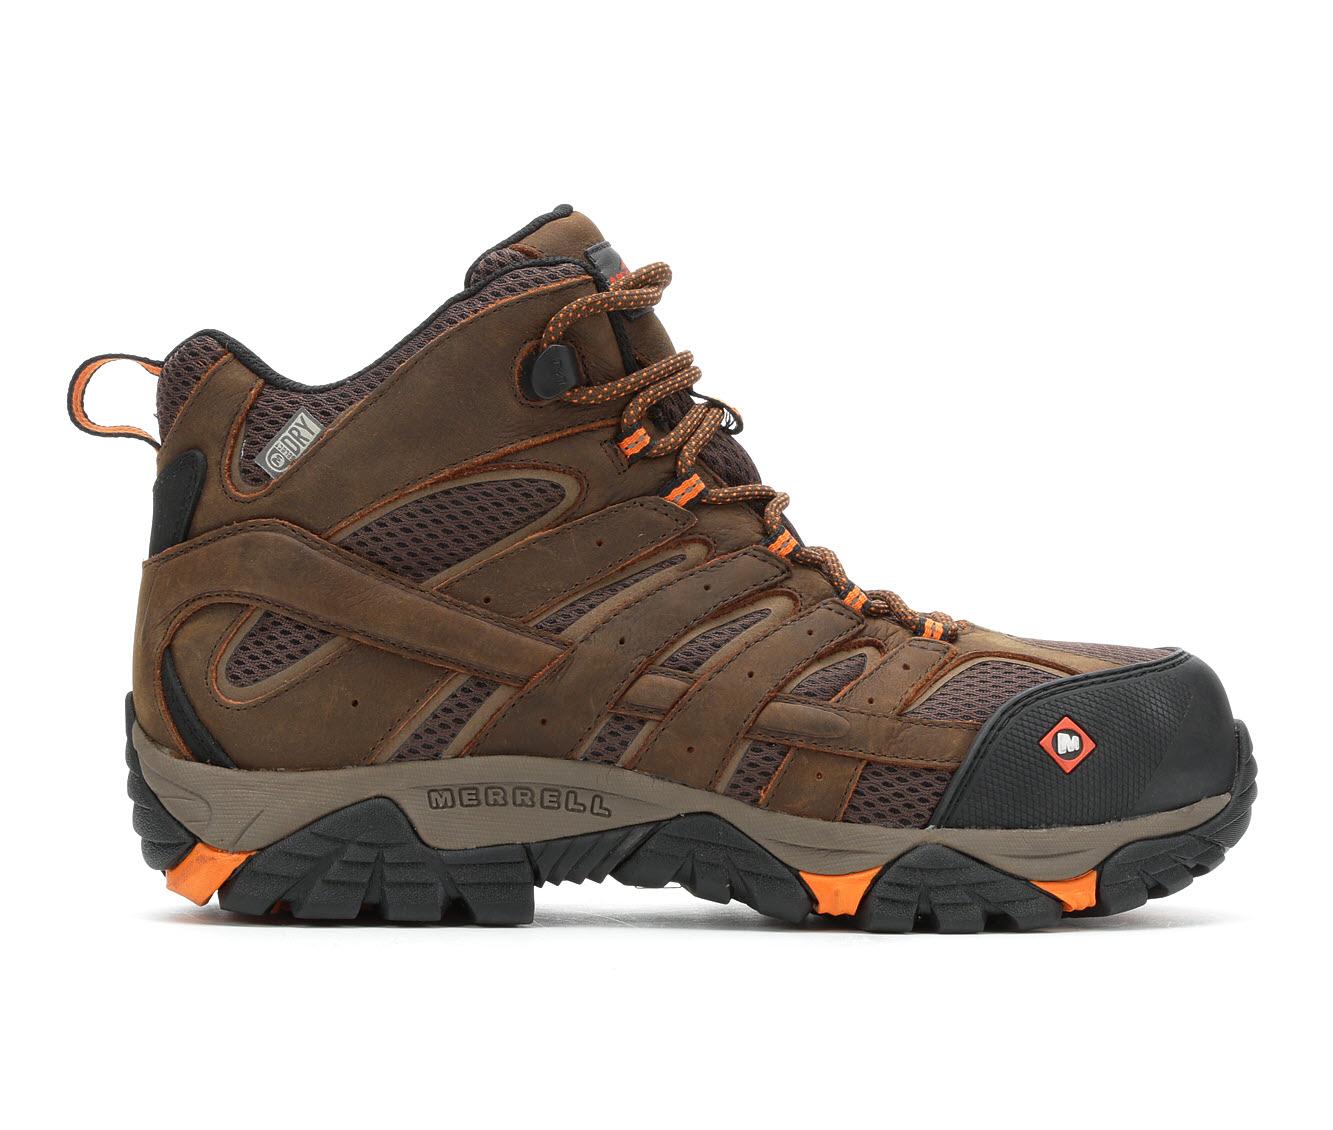 Merrell Work Moab Vertex Mid Waterproof Comp Toe Men's Boots (Brown Suede)